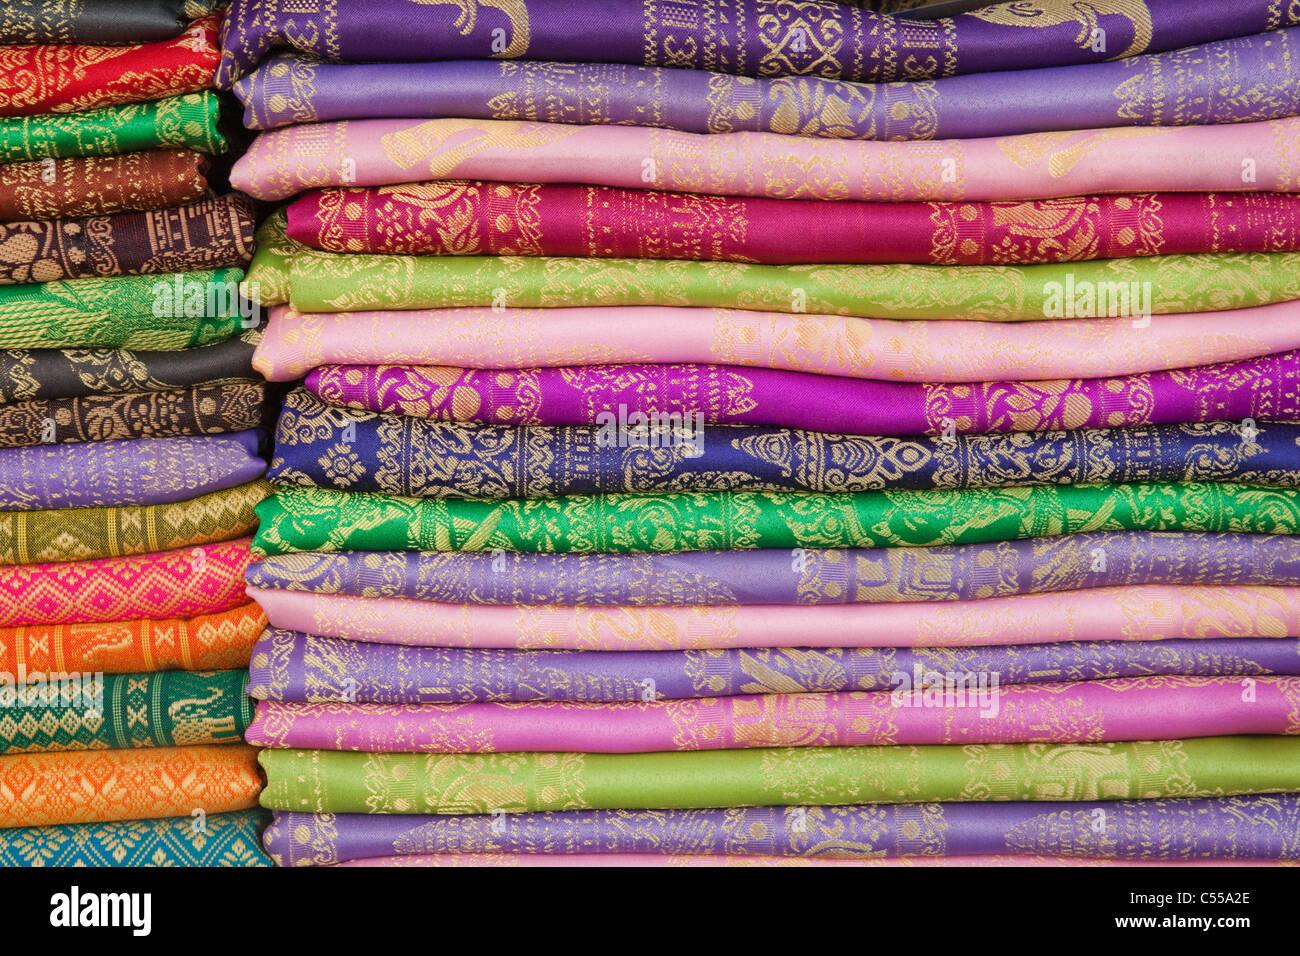 Détail de tissu de soie, Phnom Penh, Cambodge Photo Stock